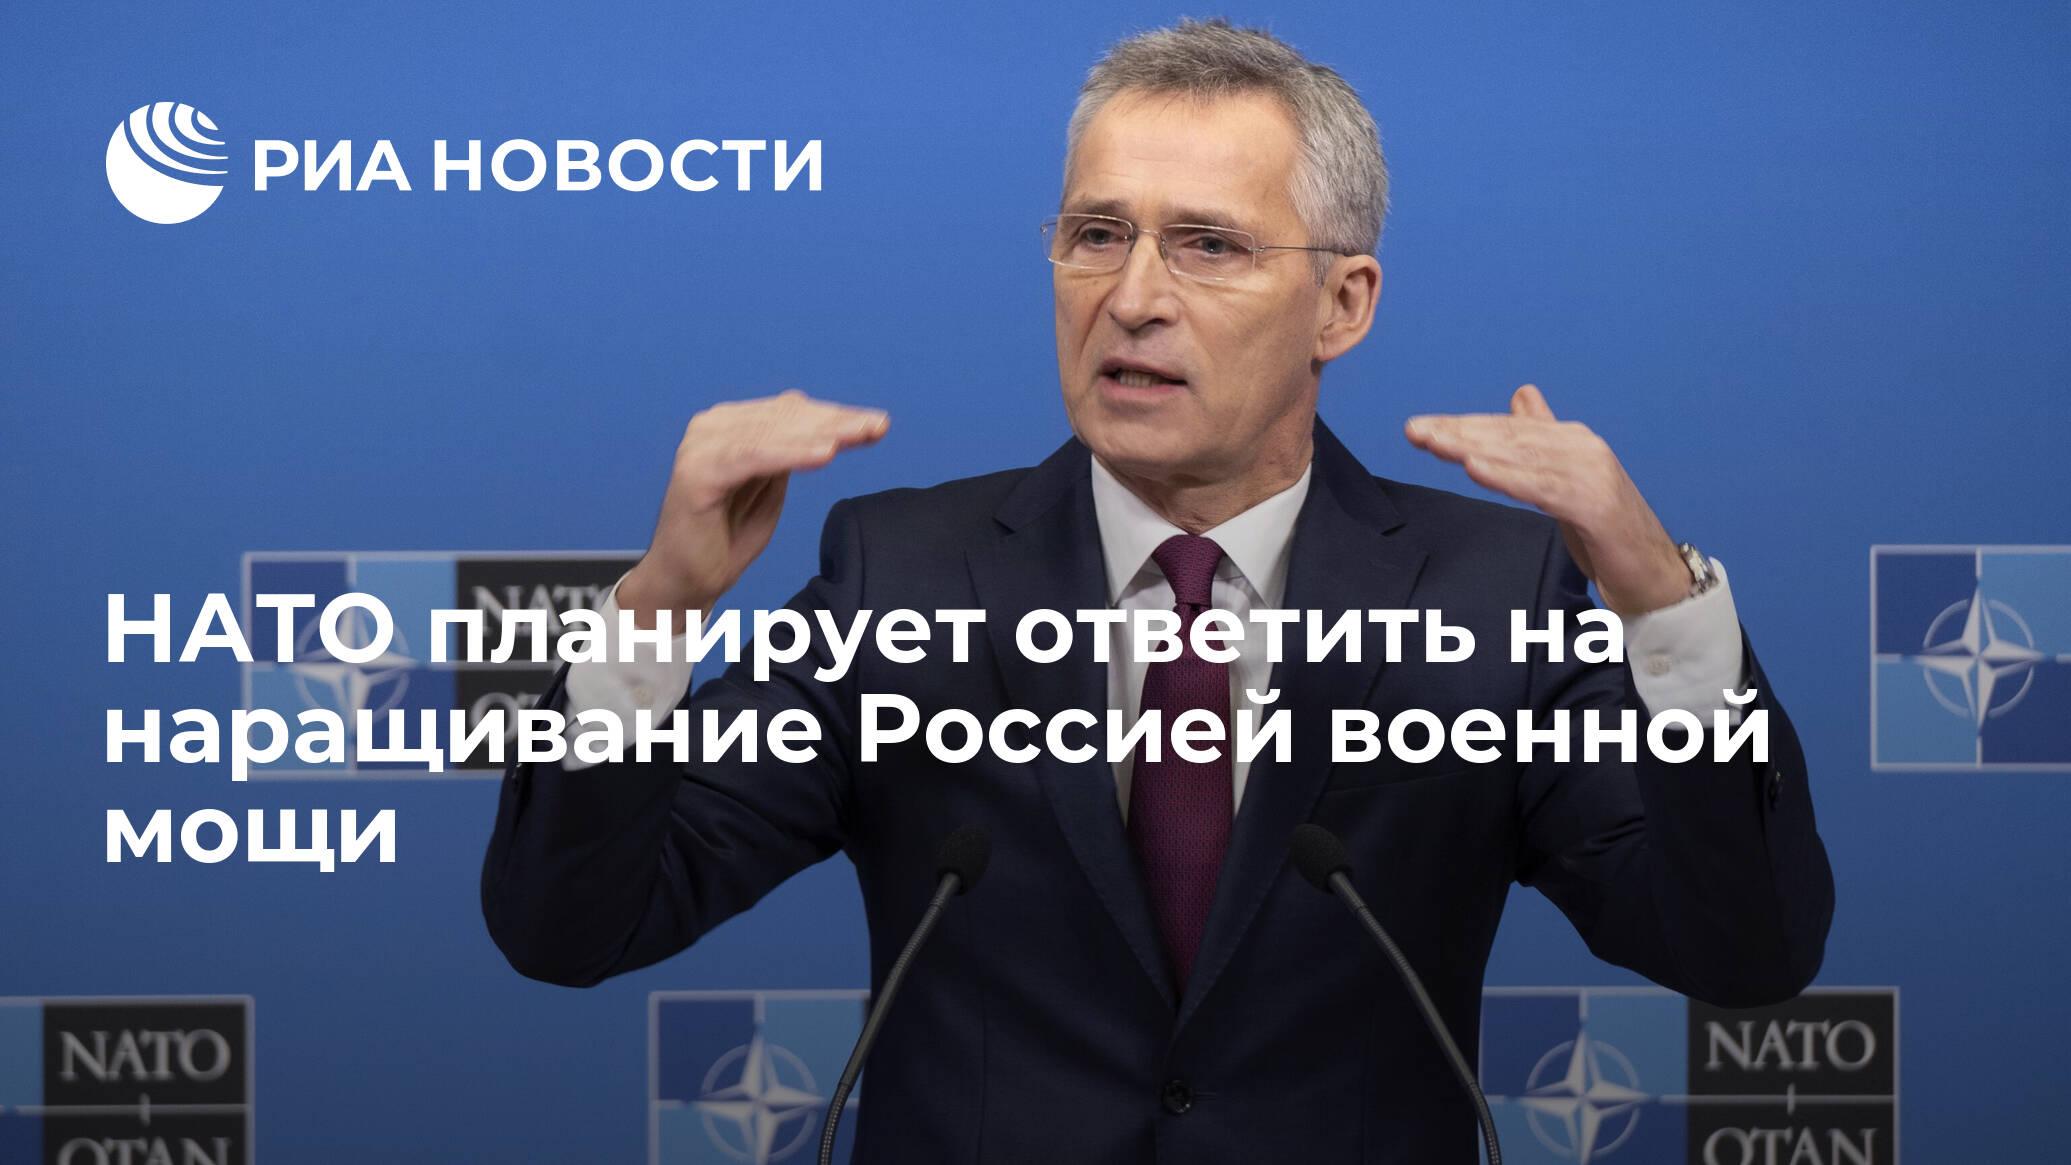 Генсек НАТО Столтенберг заявил, что альянс ответит на наращивание Россией военного потенциала